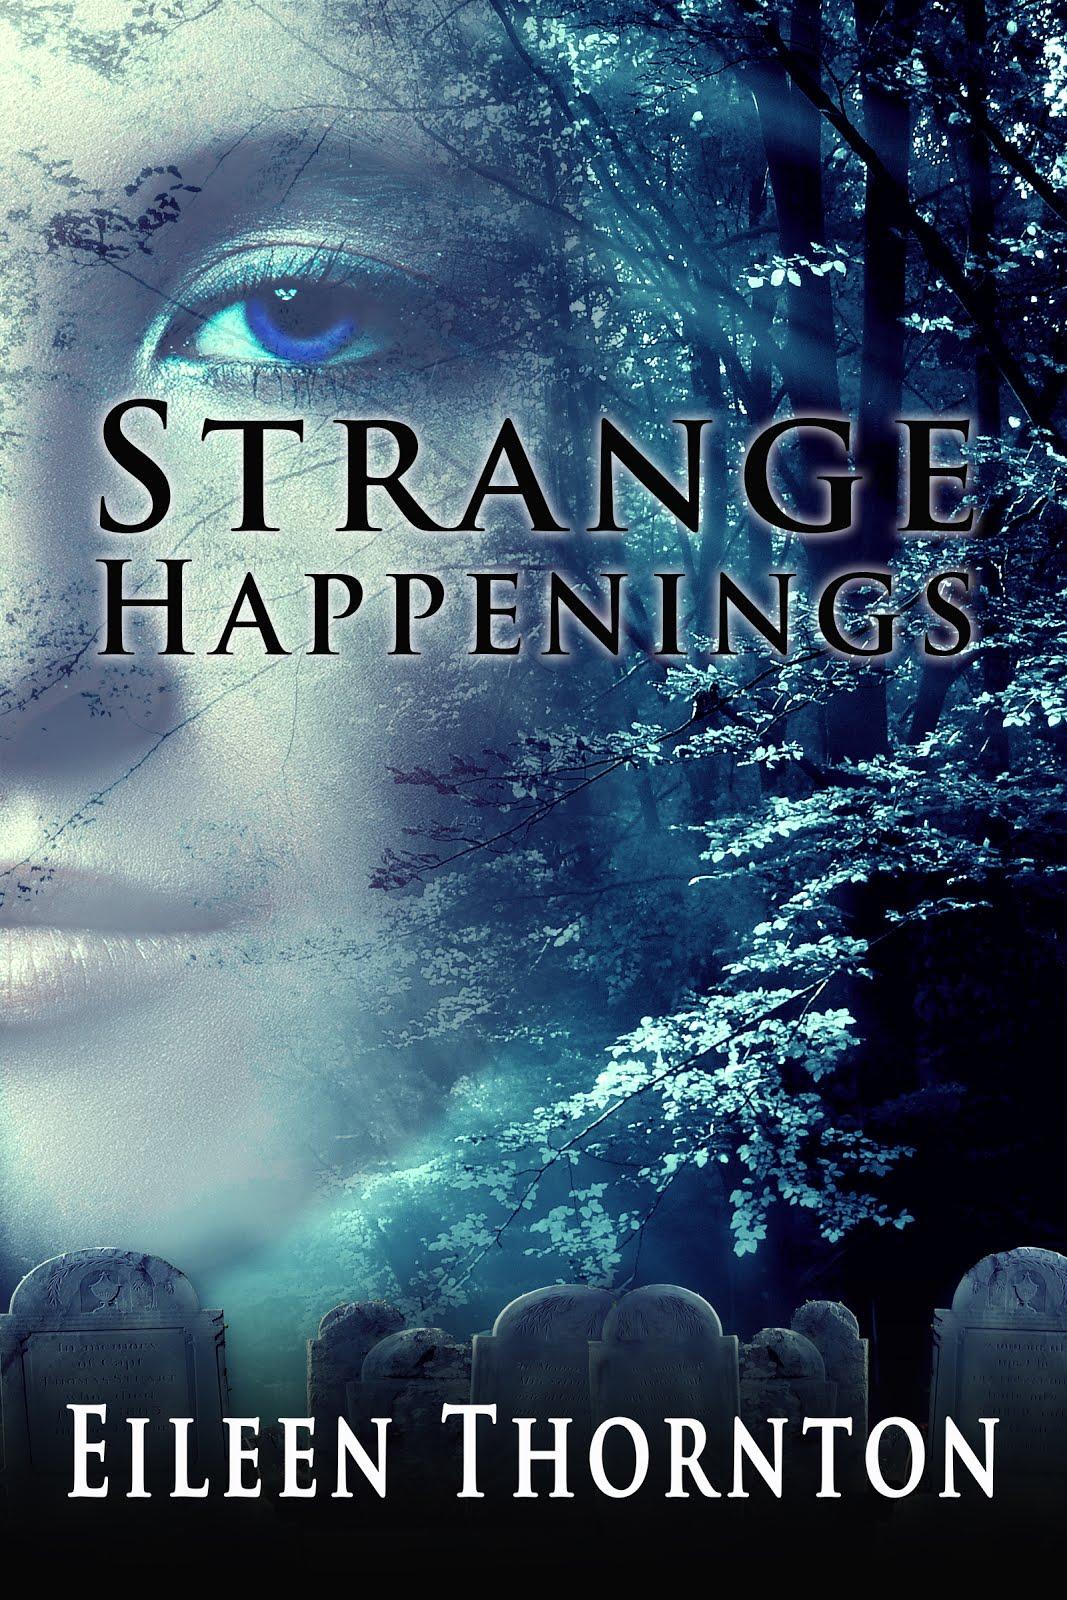 Strange Happenings